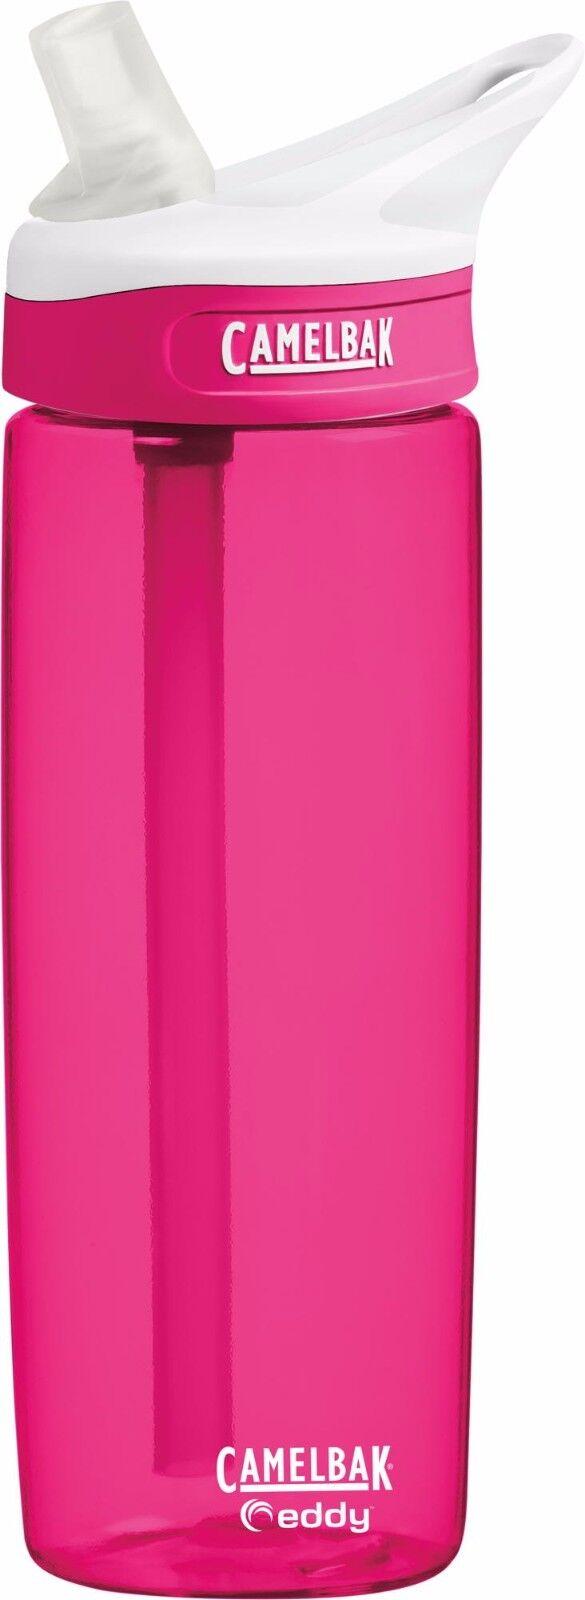 Camelbak eddy 0.6L (600ml) spill proof sports d'eau-nouvelles bouteille d'eau-nouvelles sports couleurs! d64205